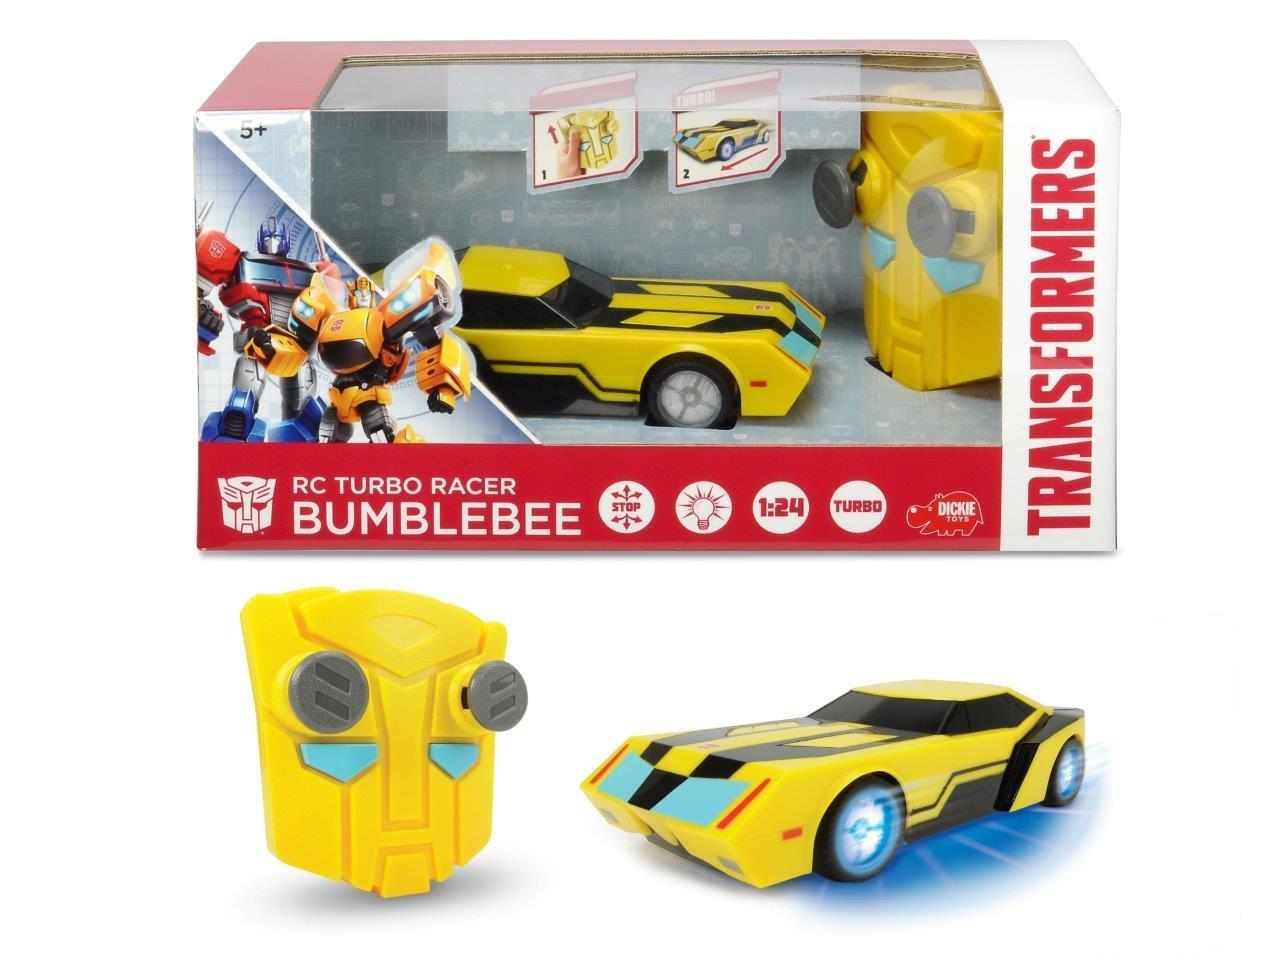 Dickie Toys 203114009 Transformers RC Turbo Racer Bumblebee Coche teledirigido: Amazon.es: Juguetes y juegos